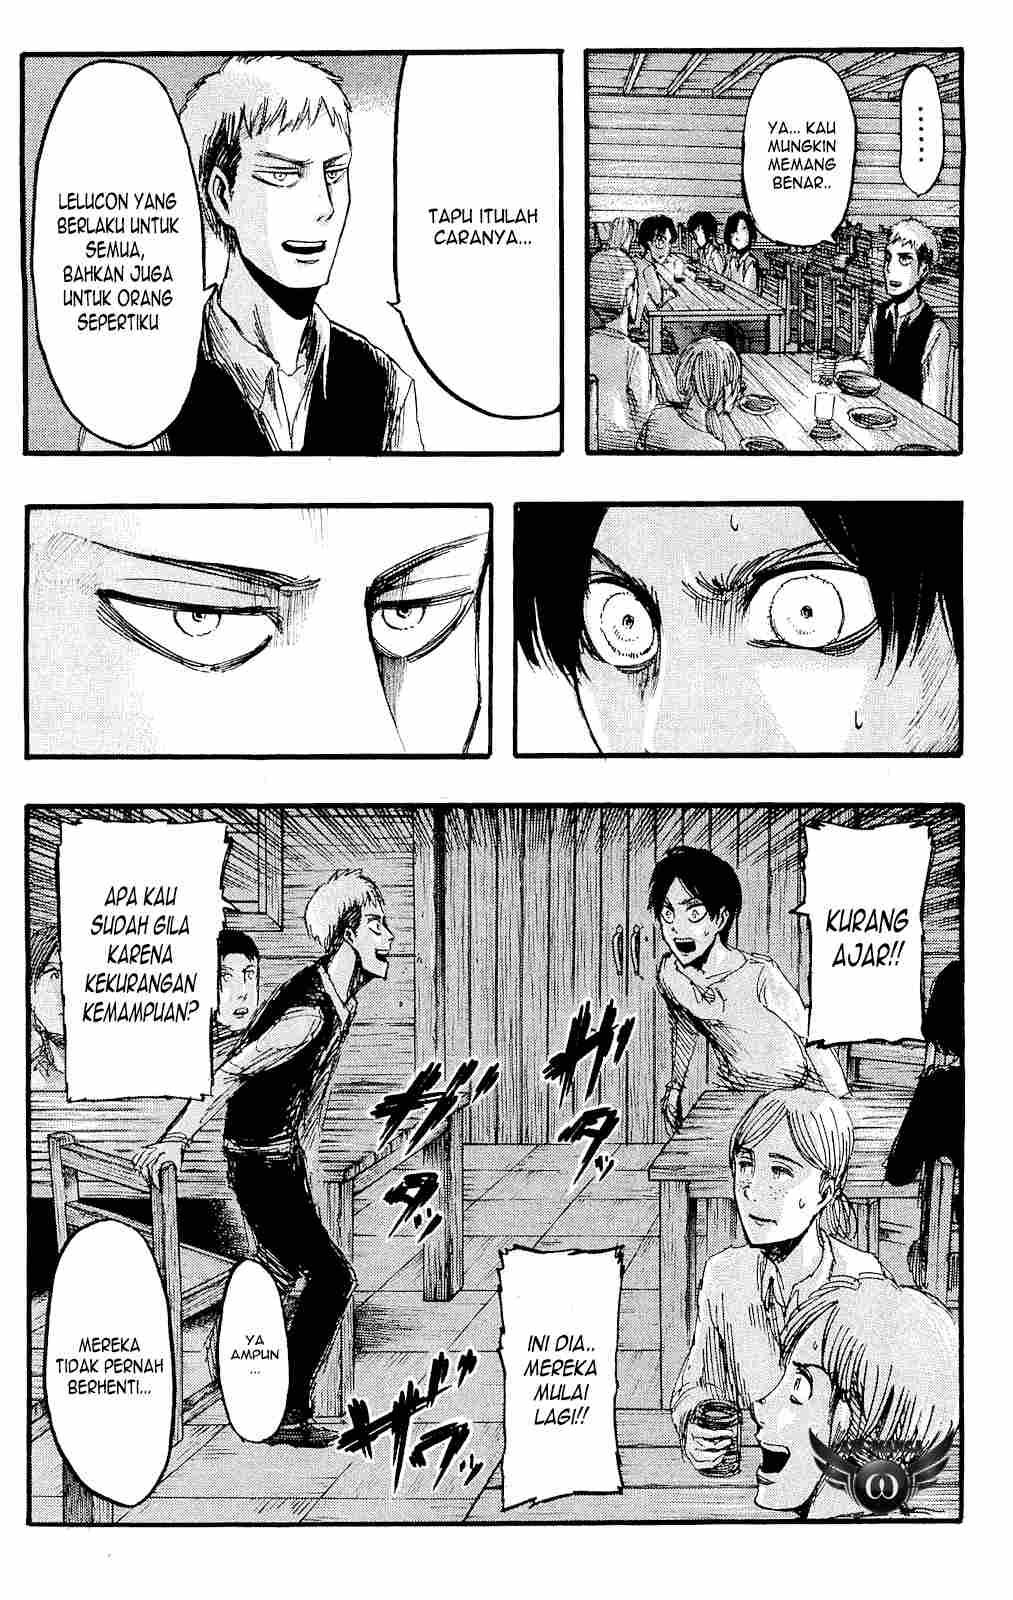 Komik shingeki no kyojin 017 - ilusi dari kekuatan 18 Indonesia shingeki no kyojin 017 - ilusi dari kekuatan Terbaru 24|Baca Manga Komik Indonesia|